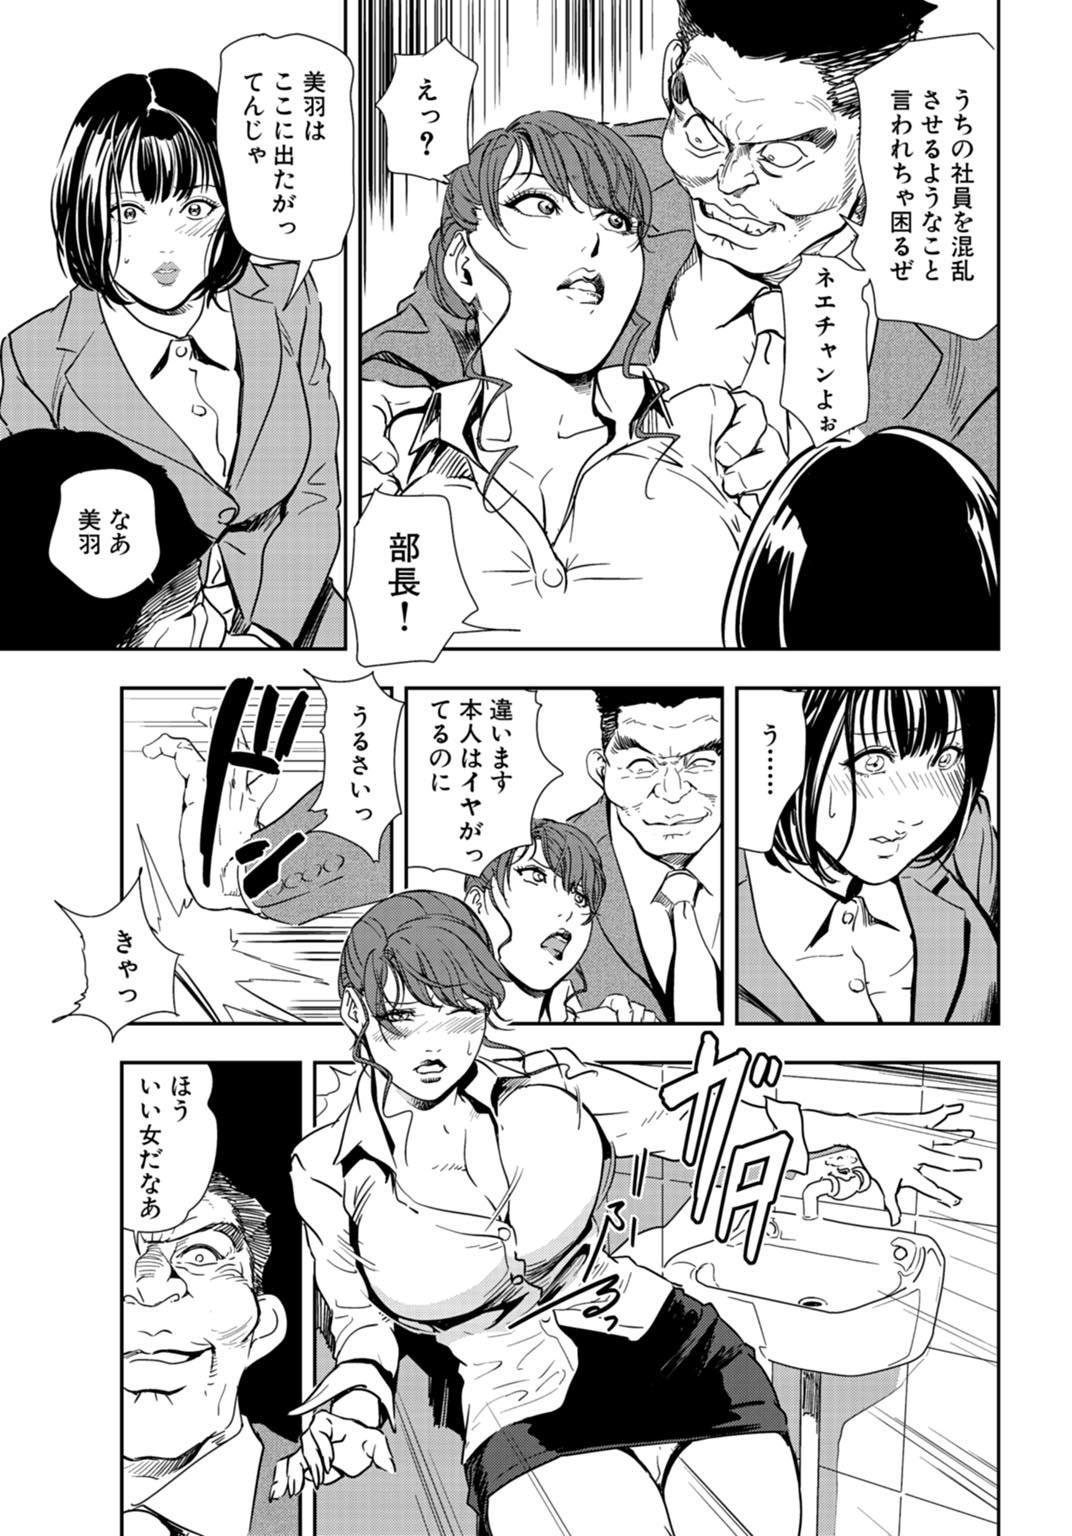 Nikuhisyo Yukiko 25 57